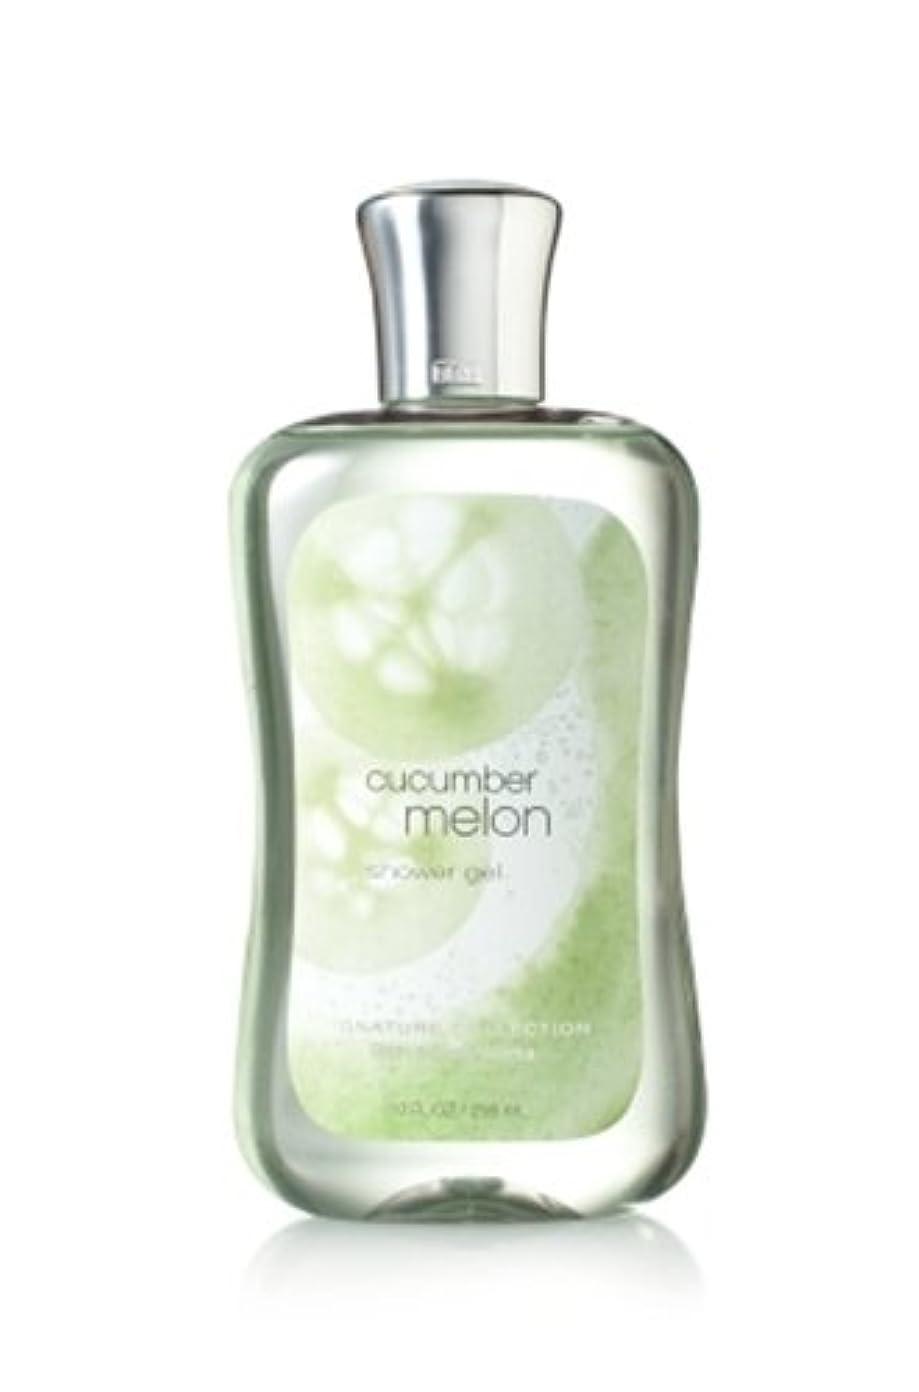 ステレオタイプかもめ嵐のバス&ボディワークス キューカンバーメロン シャワージェル Cucumber Melon shower gel [並行輸入品]